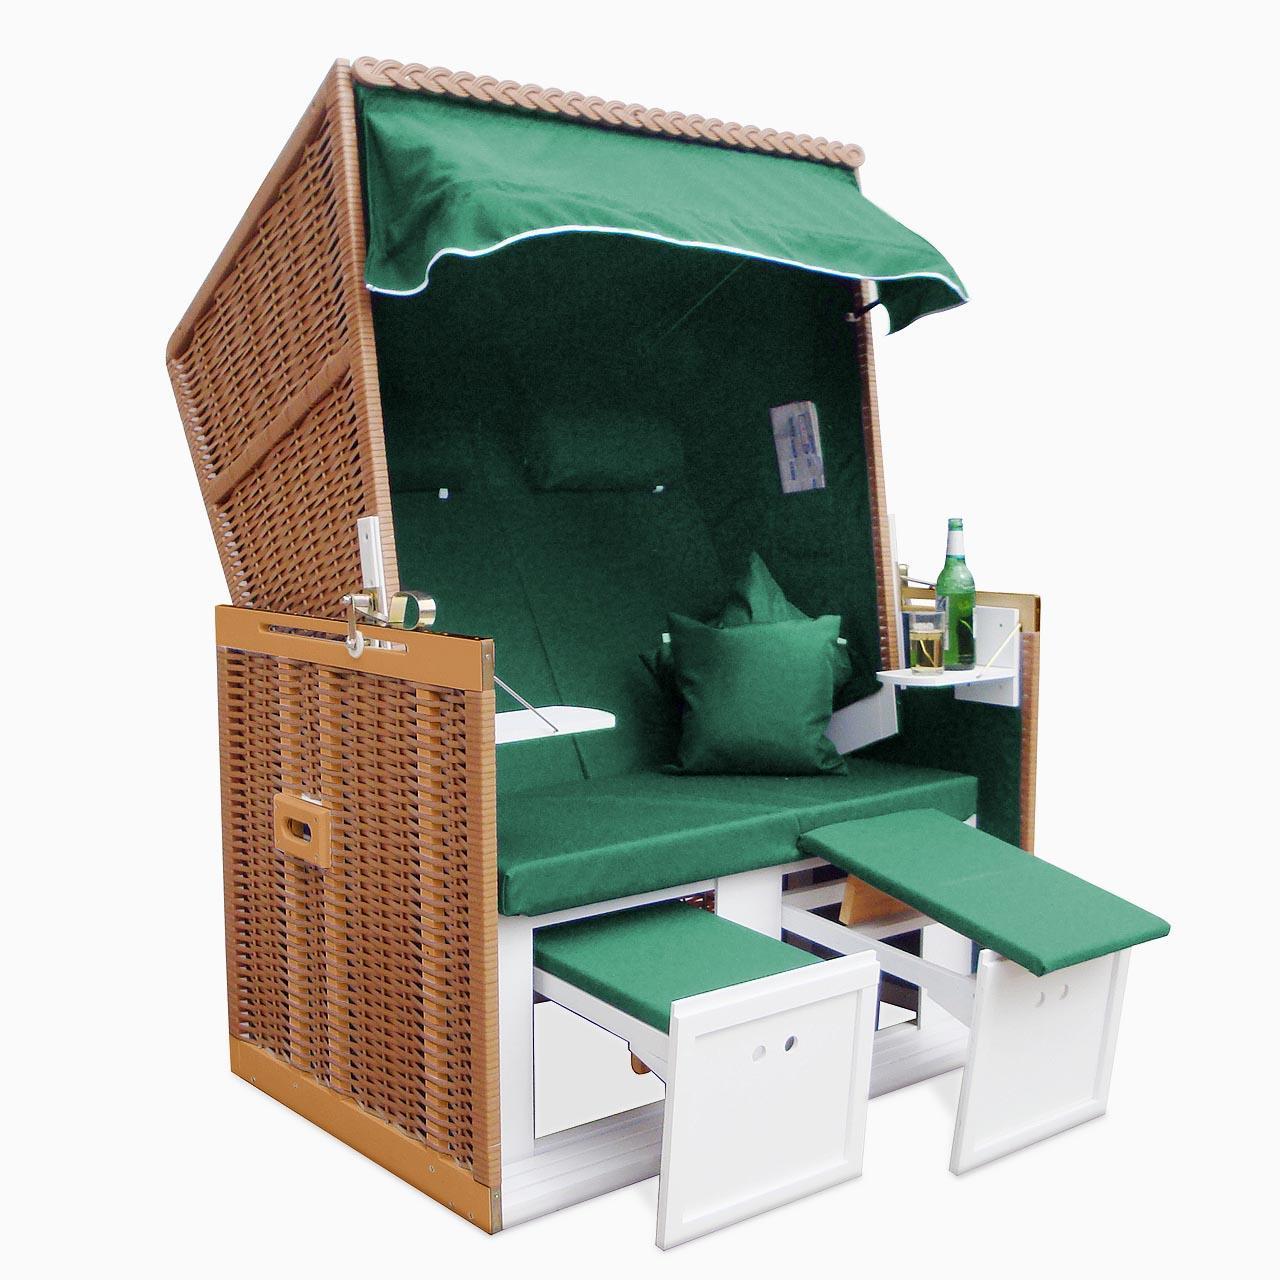 xxl premium nordsee strandkorb volllieger gartenm bel gartenliege sonnenliege. Black Bedroom Furniture Sets. Home Design Ideas